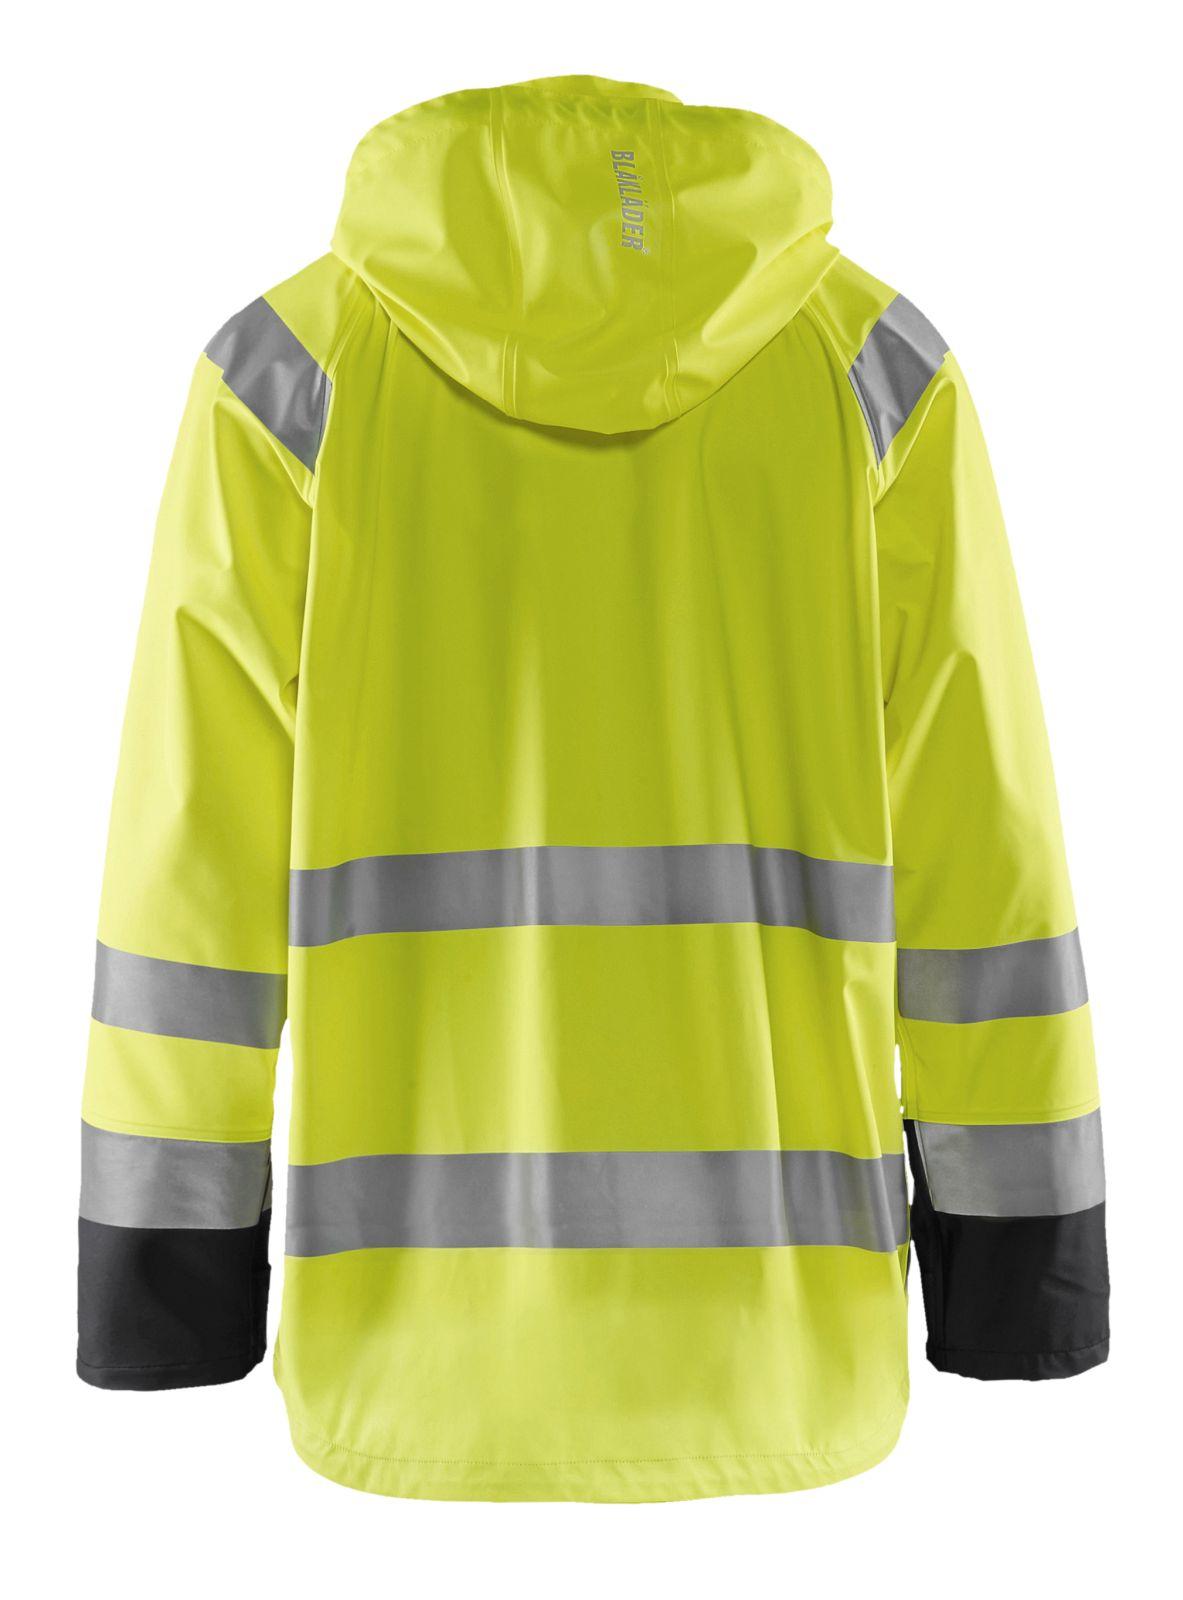 Blaklader Jassen 43232000 High Vis fluo geel-zwart(3399)